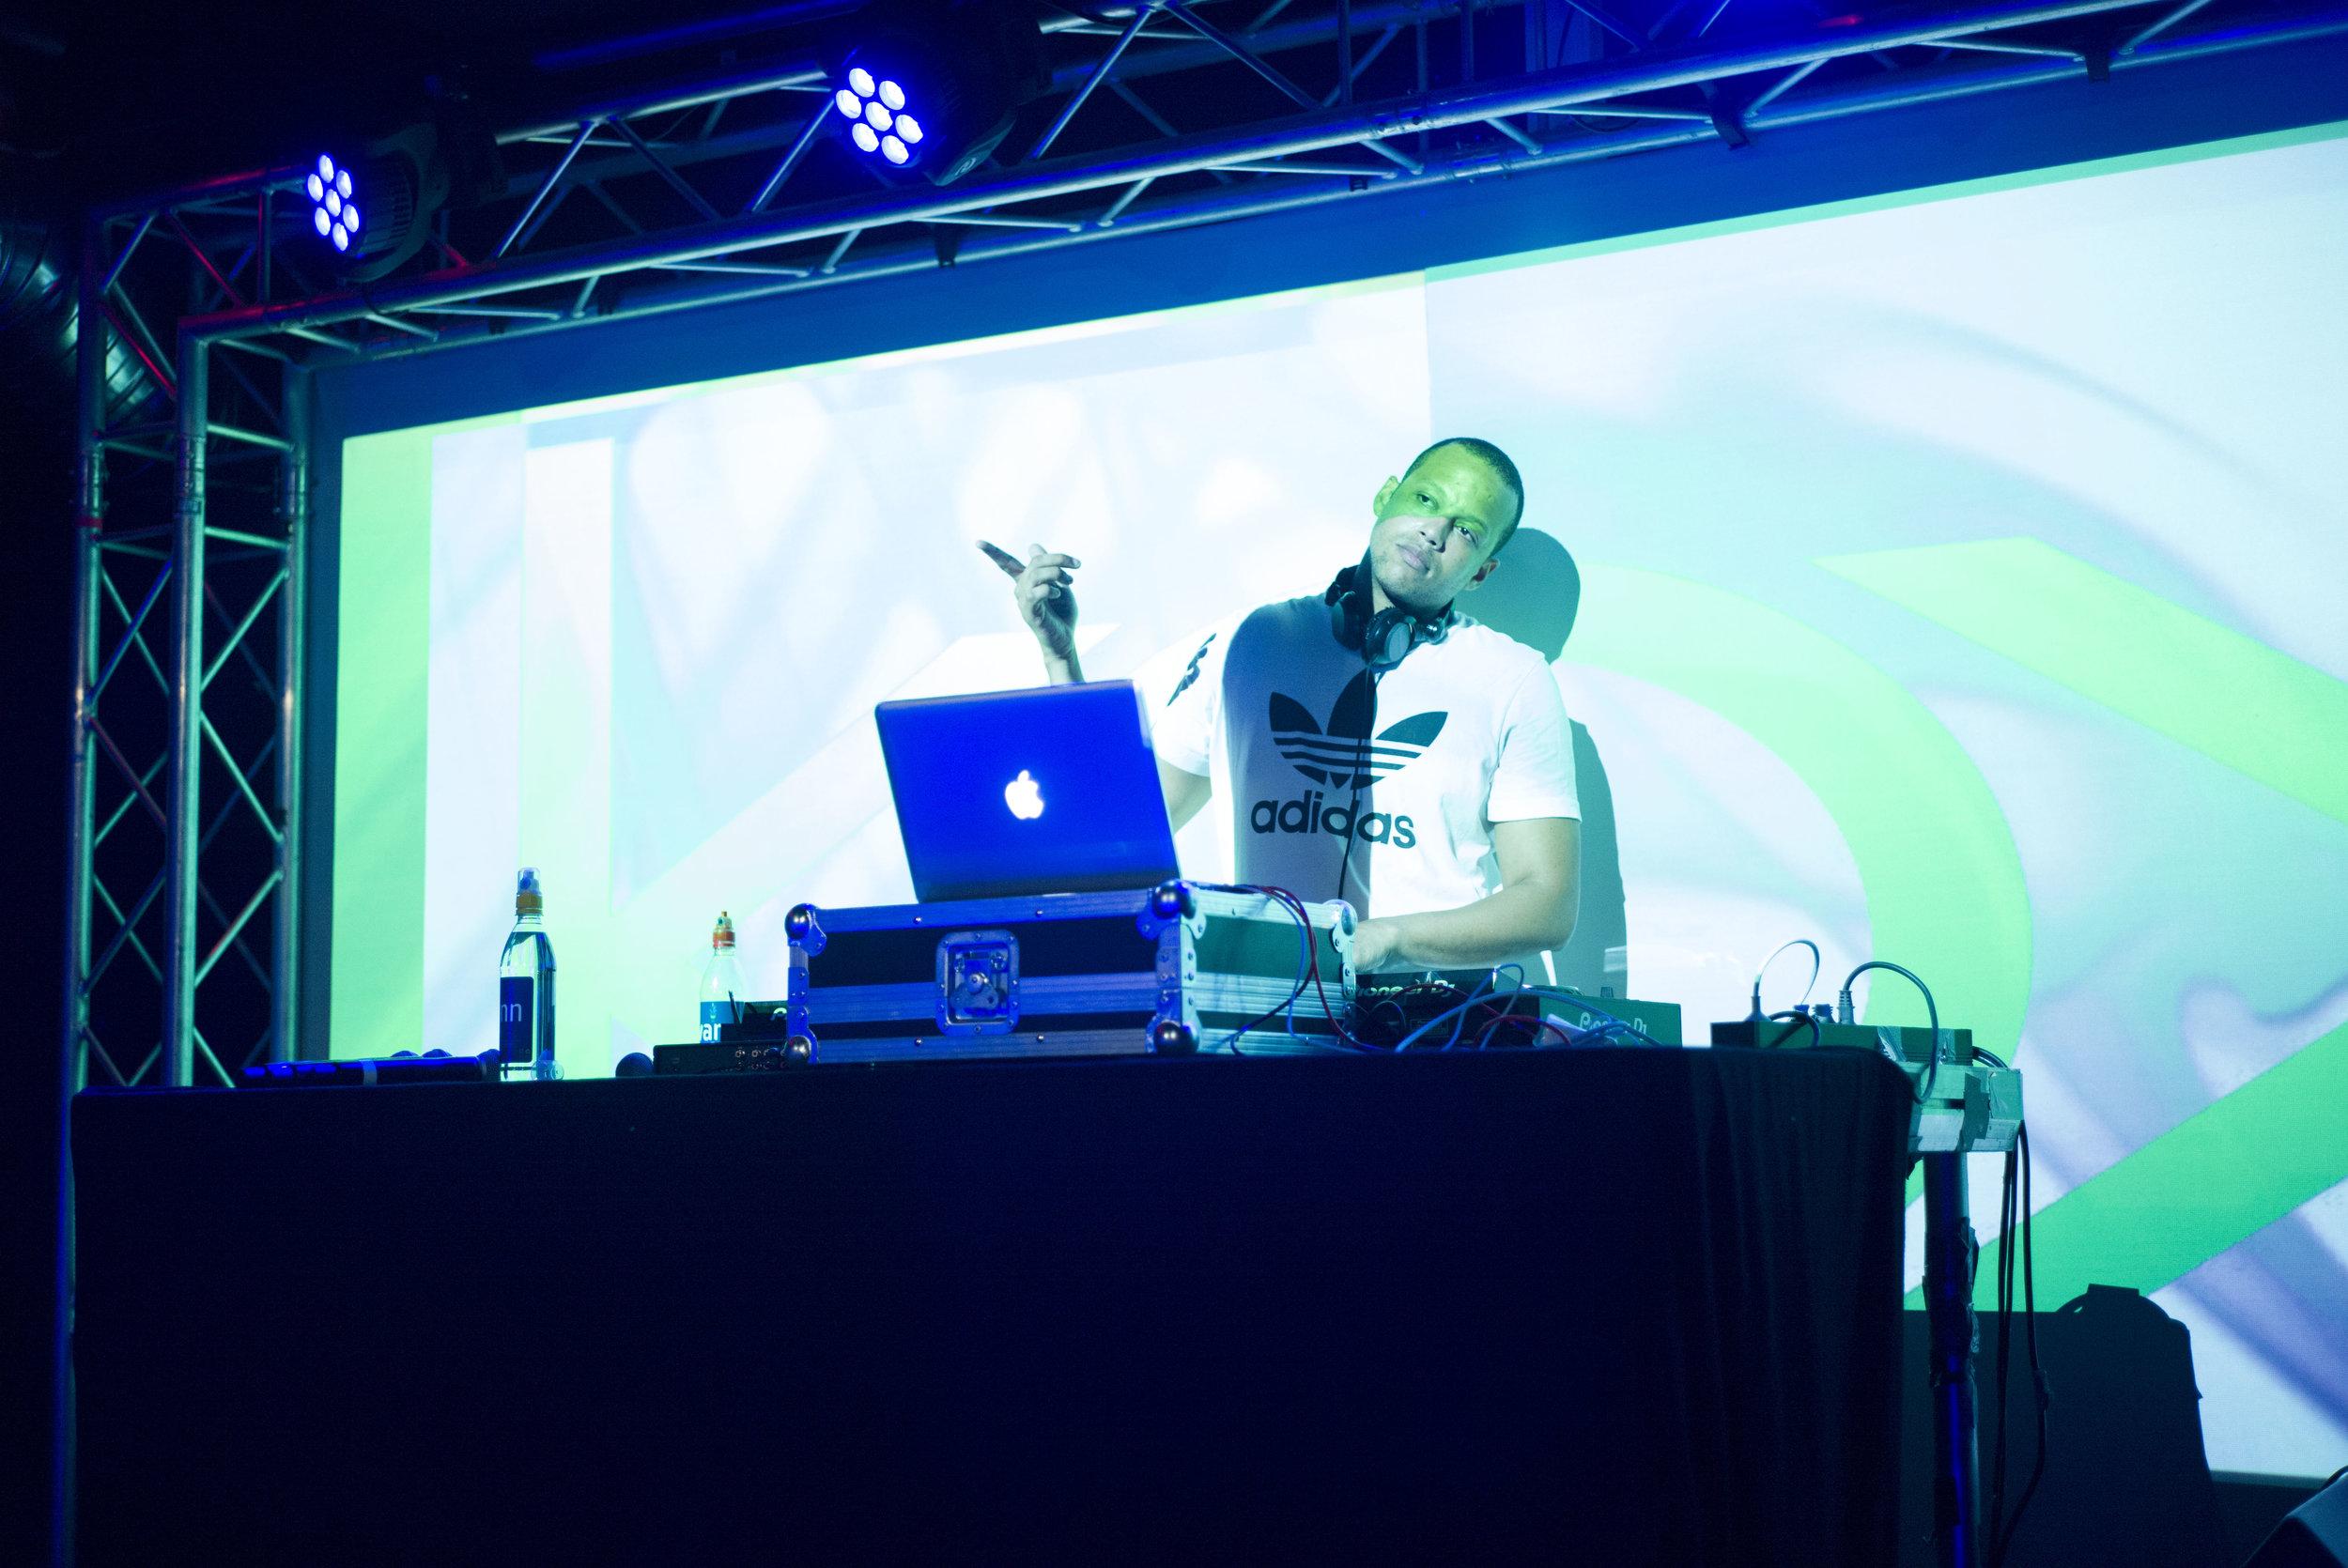 DJ Girson